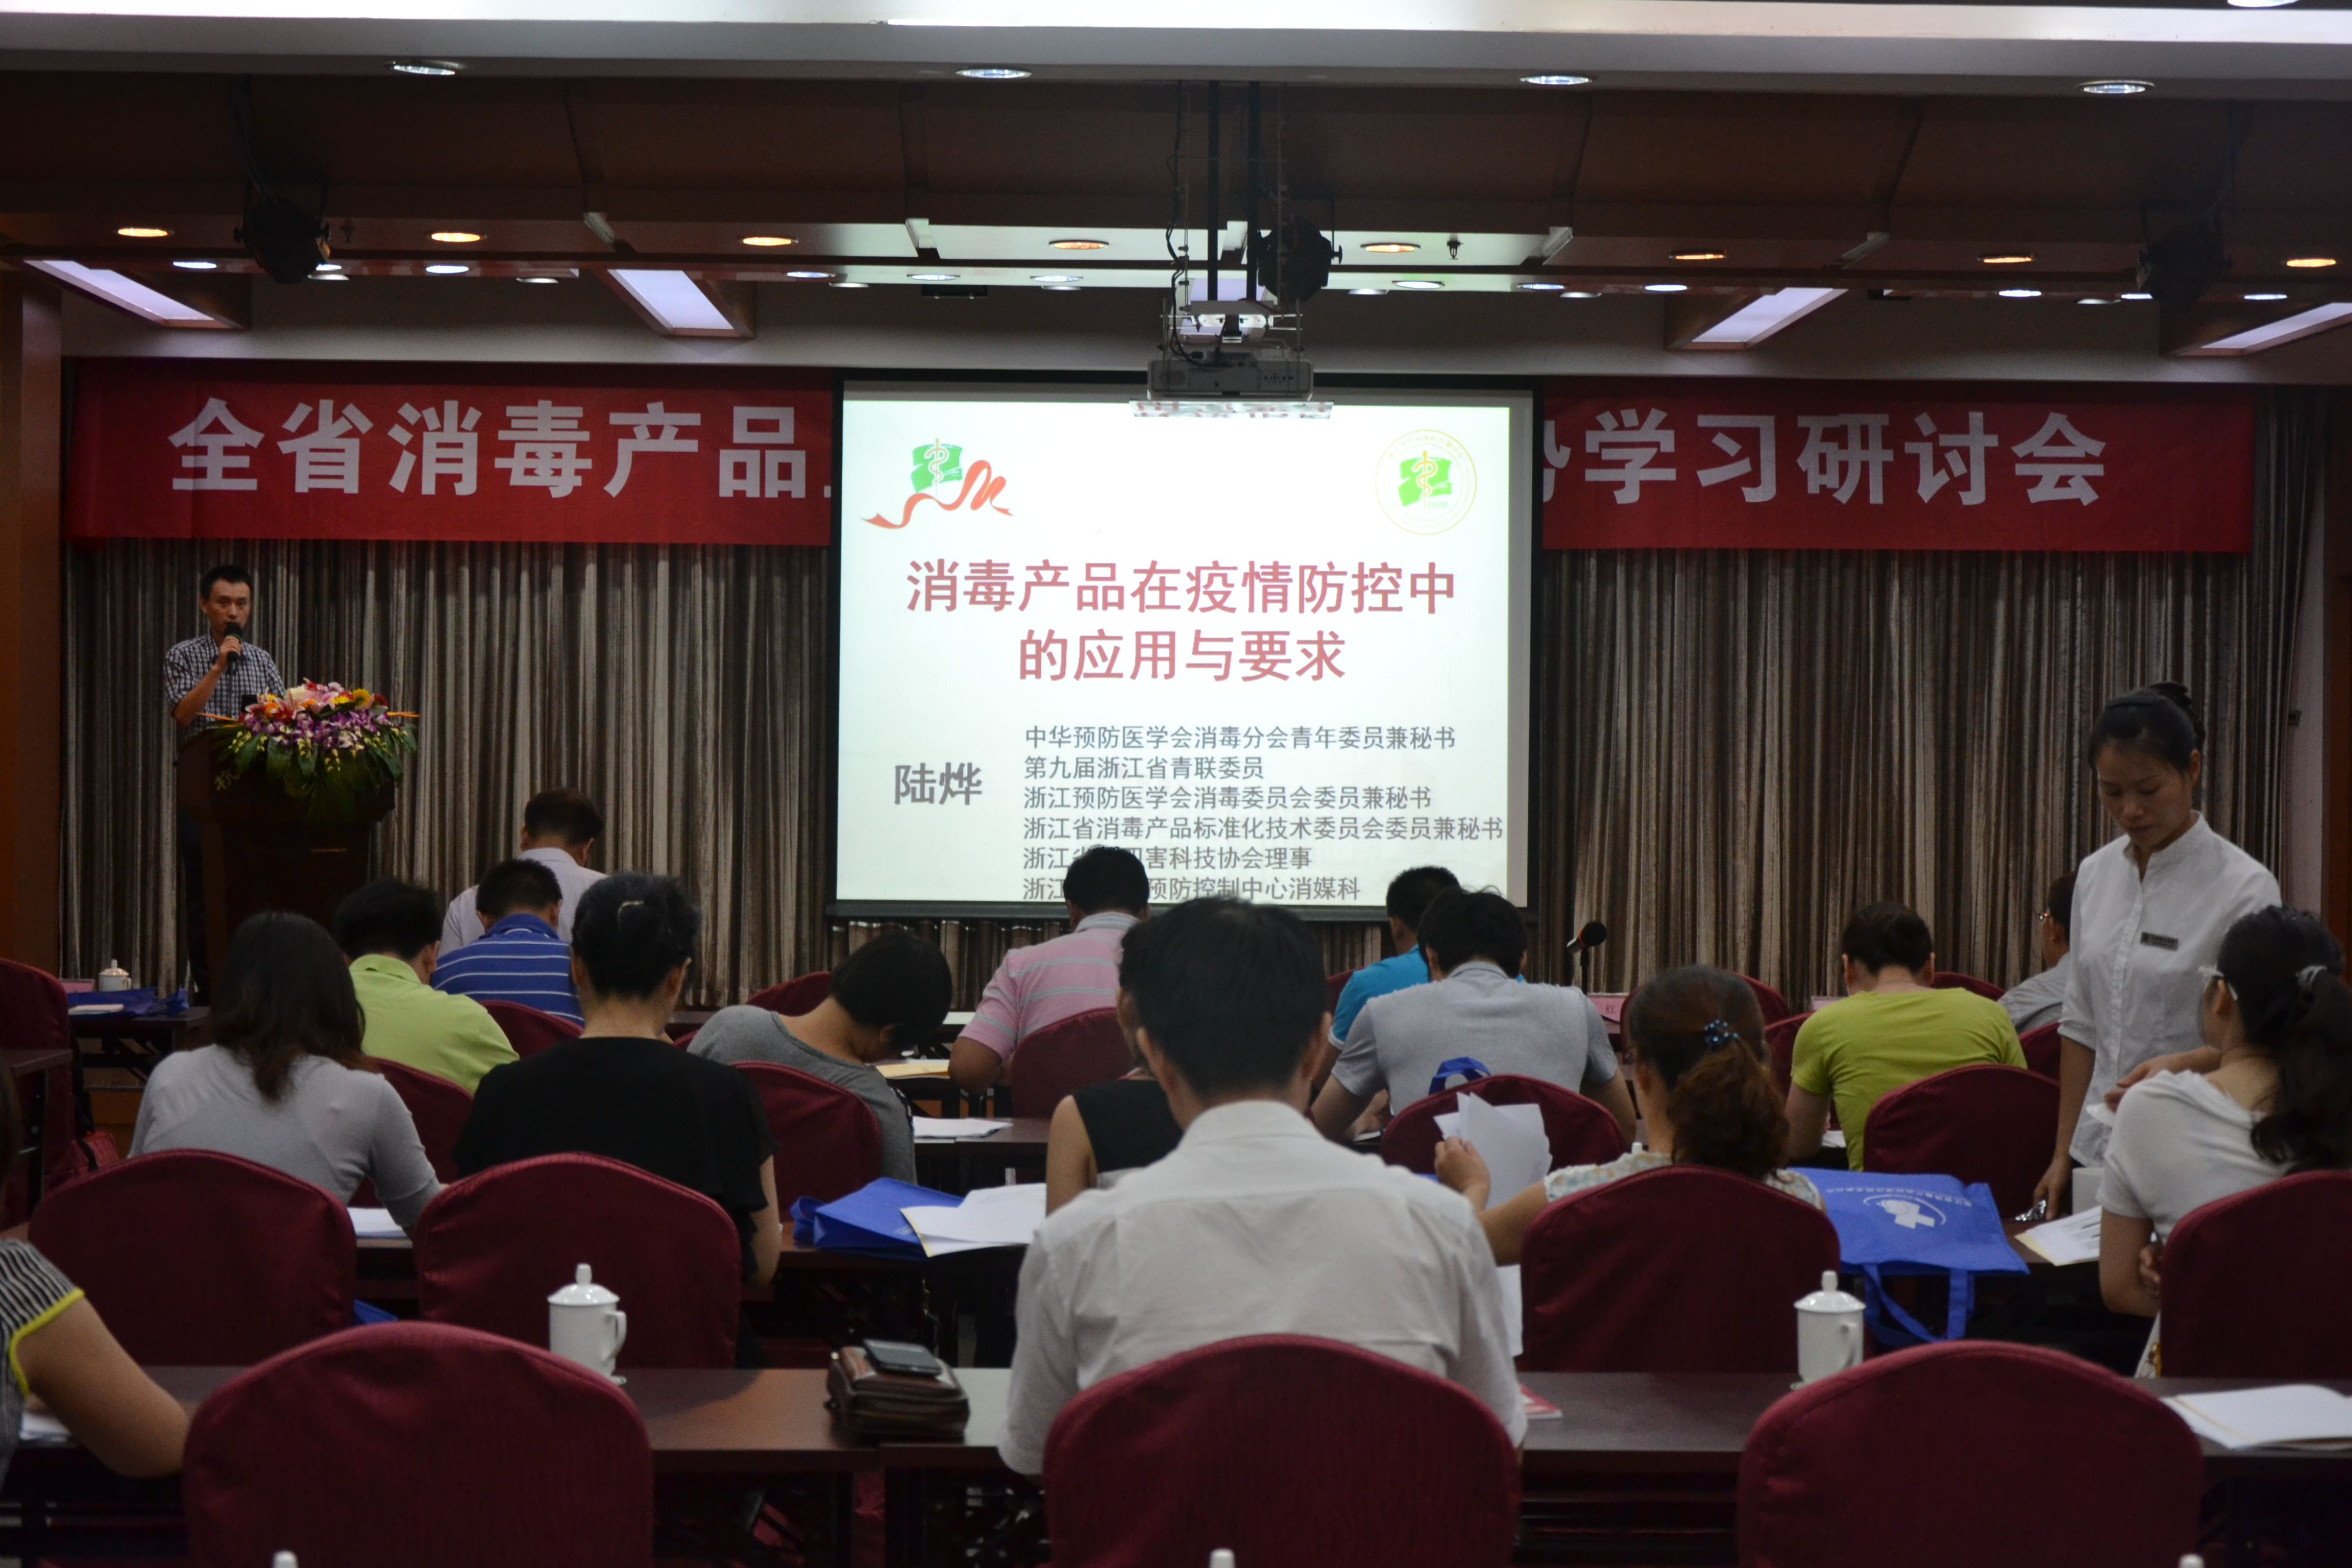 全省bob娱乐产品监管与应用趋势学习研讨会在杭召开